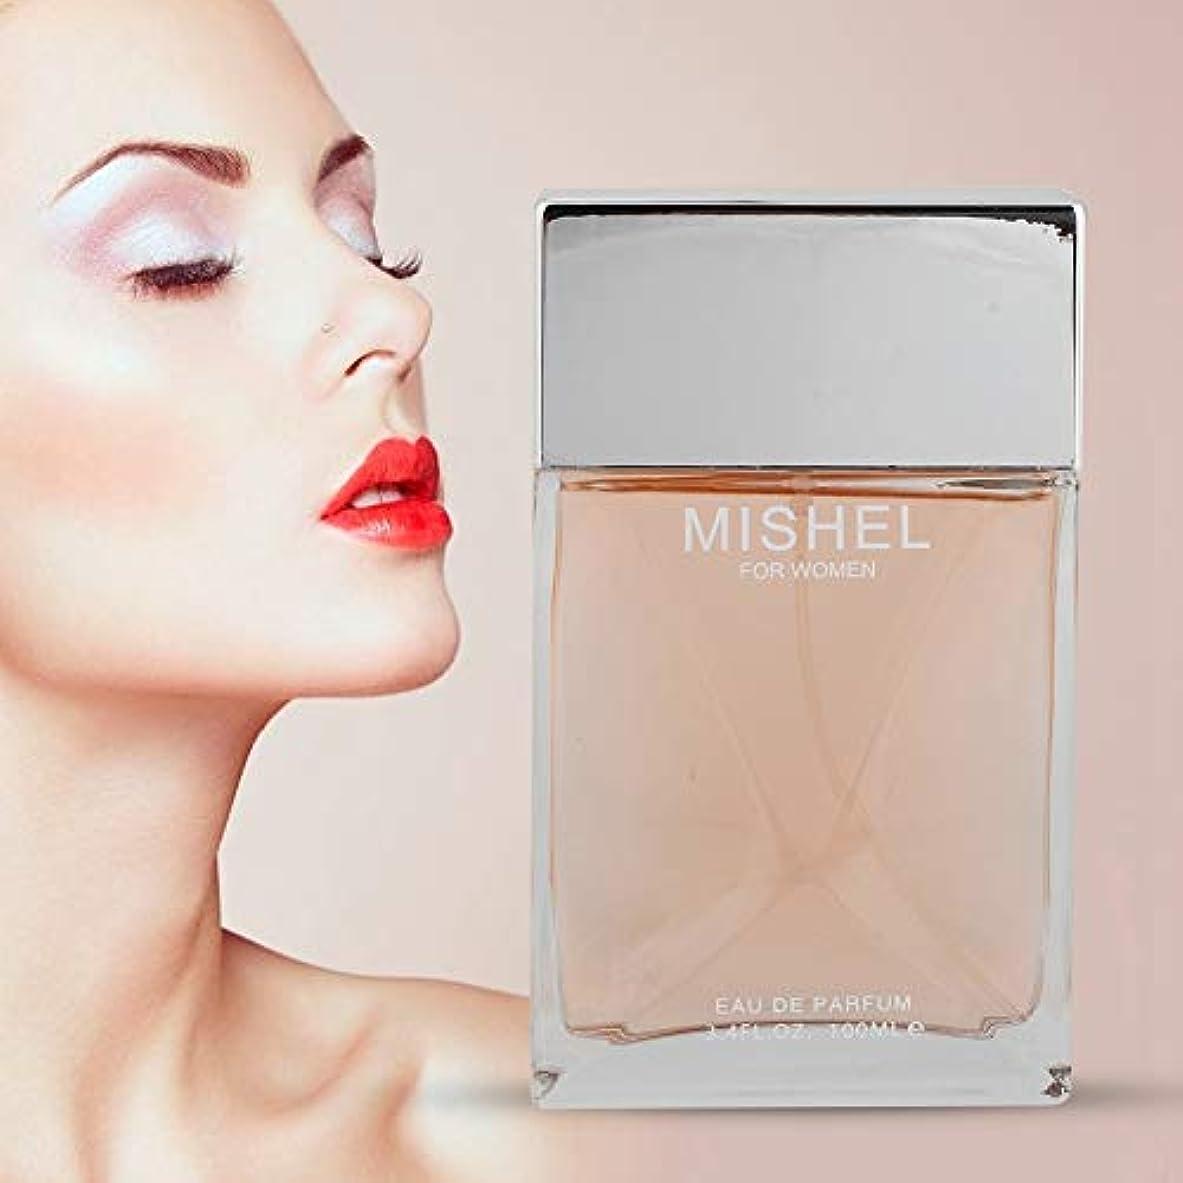 漏斗トレイル不完全な100ML女性用香りスプレー、女性用の長持ちする軽い香水、女性用のさわやかな香水スプレー、女性への完璧な贈り物としてのエレガントなデザイン